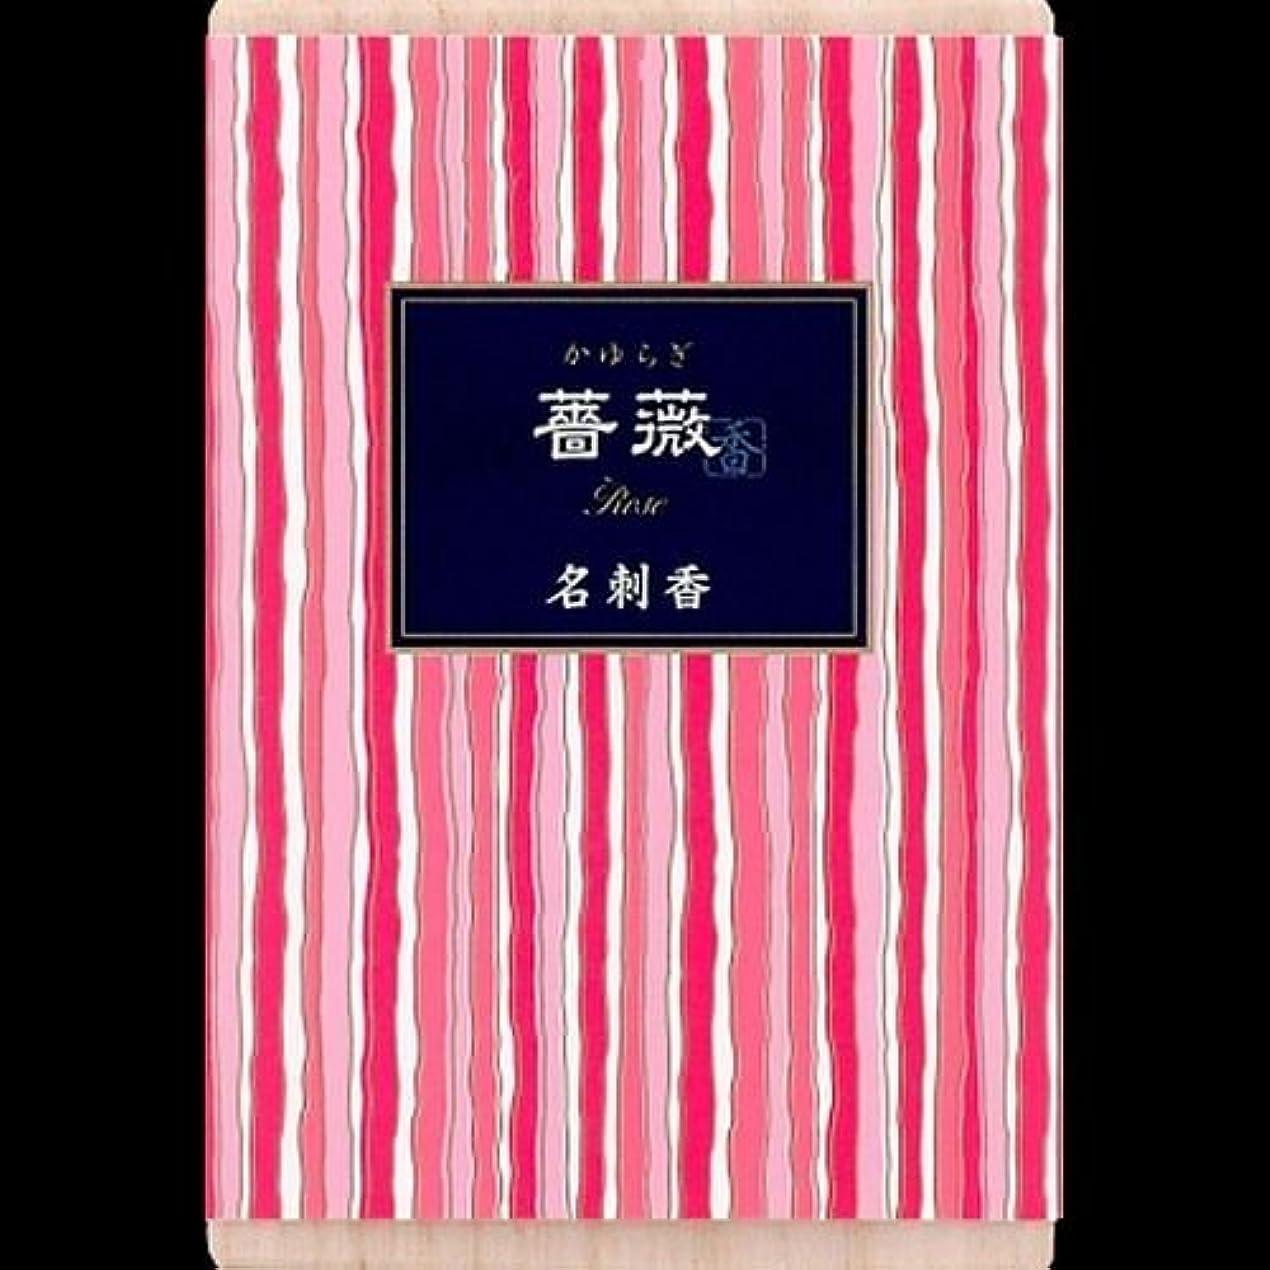 感謝するソケット恐ろしいです【まとめ買い】かゆらぎ 薔薇 名刺香 桐箱 6入 ×2セット